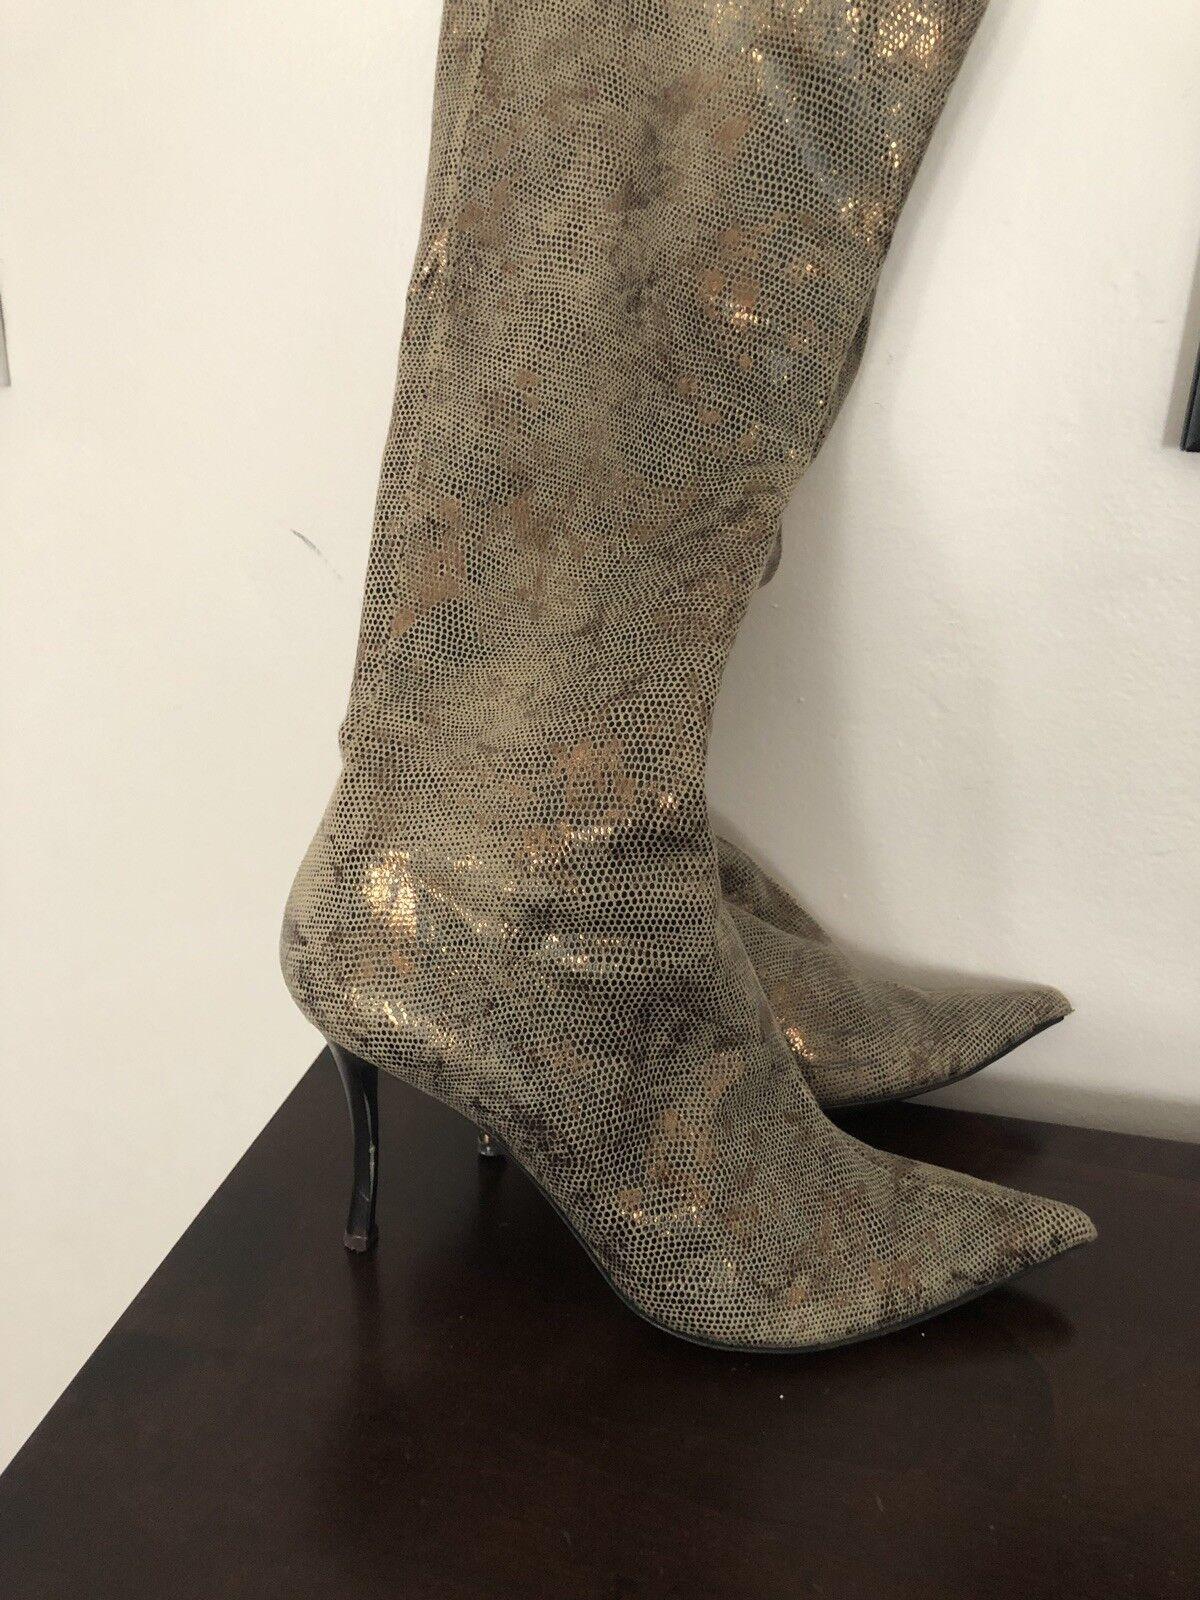 botas de cuero para mujer prodotto oro, 39